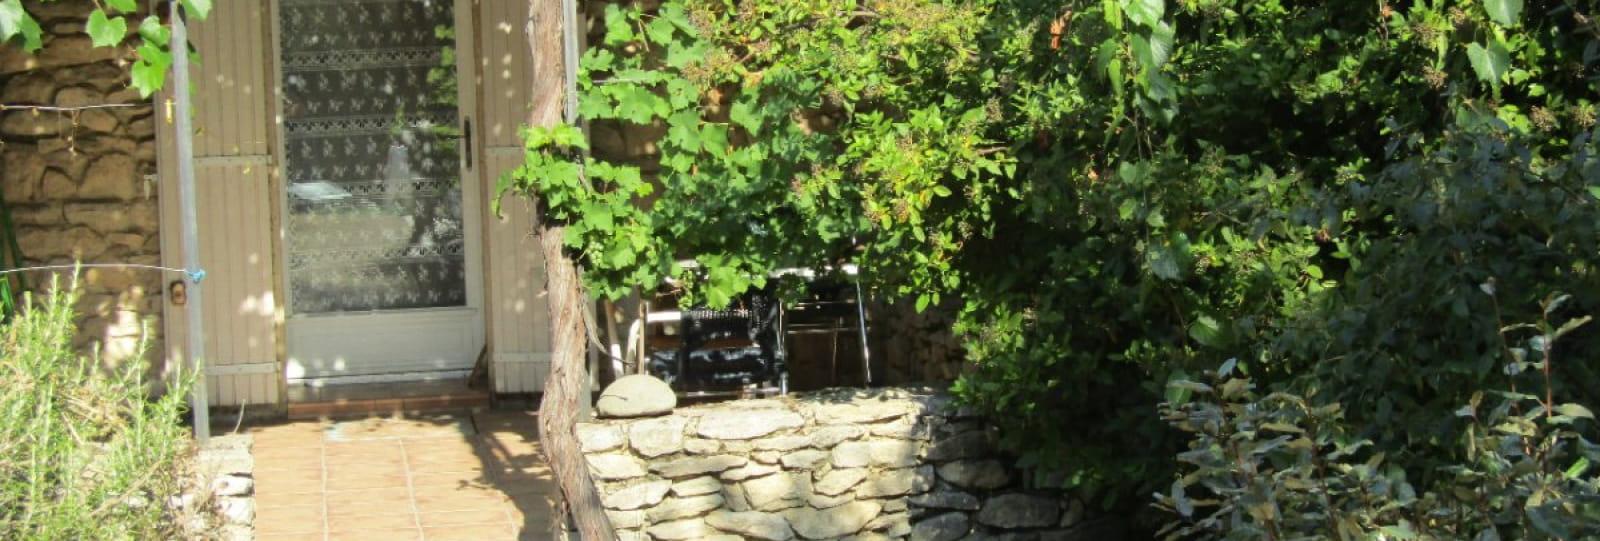 Terrasse ombragée d'une treille de vigne